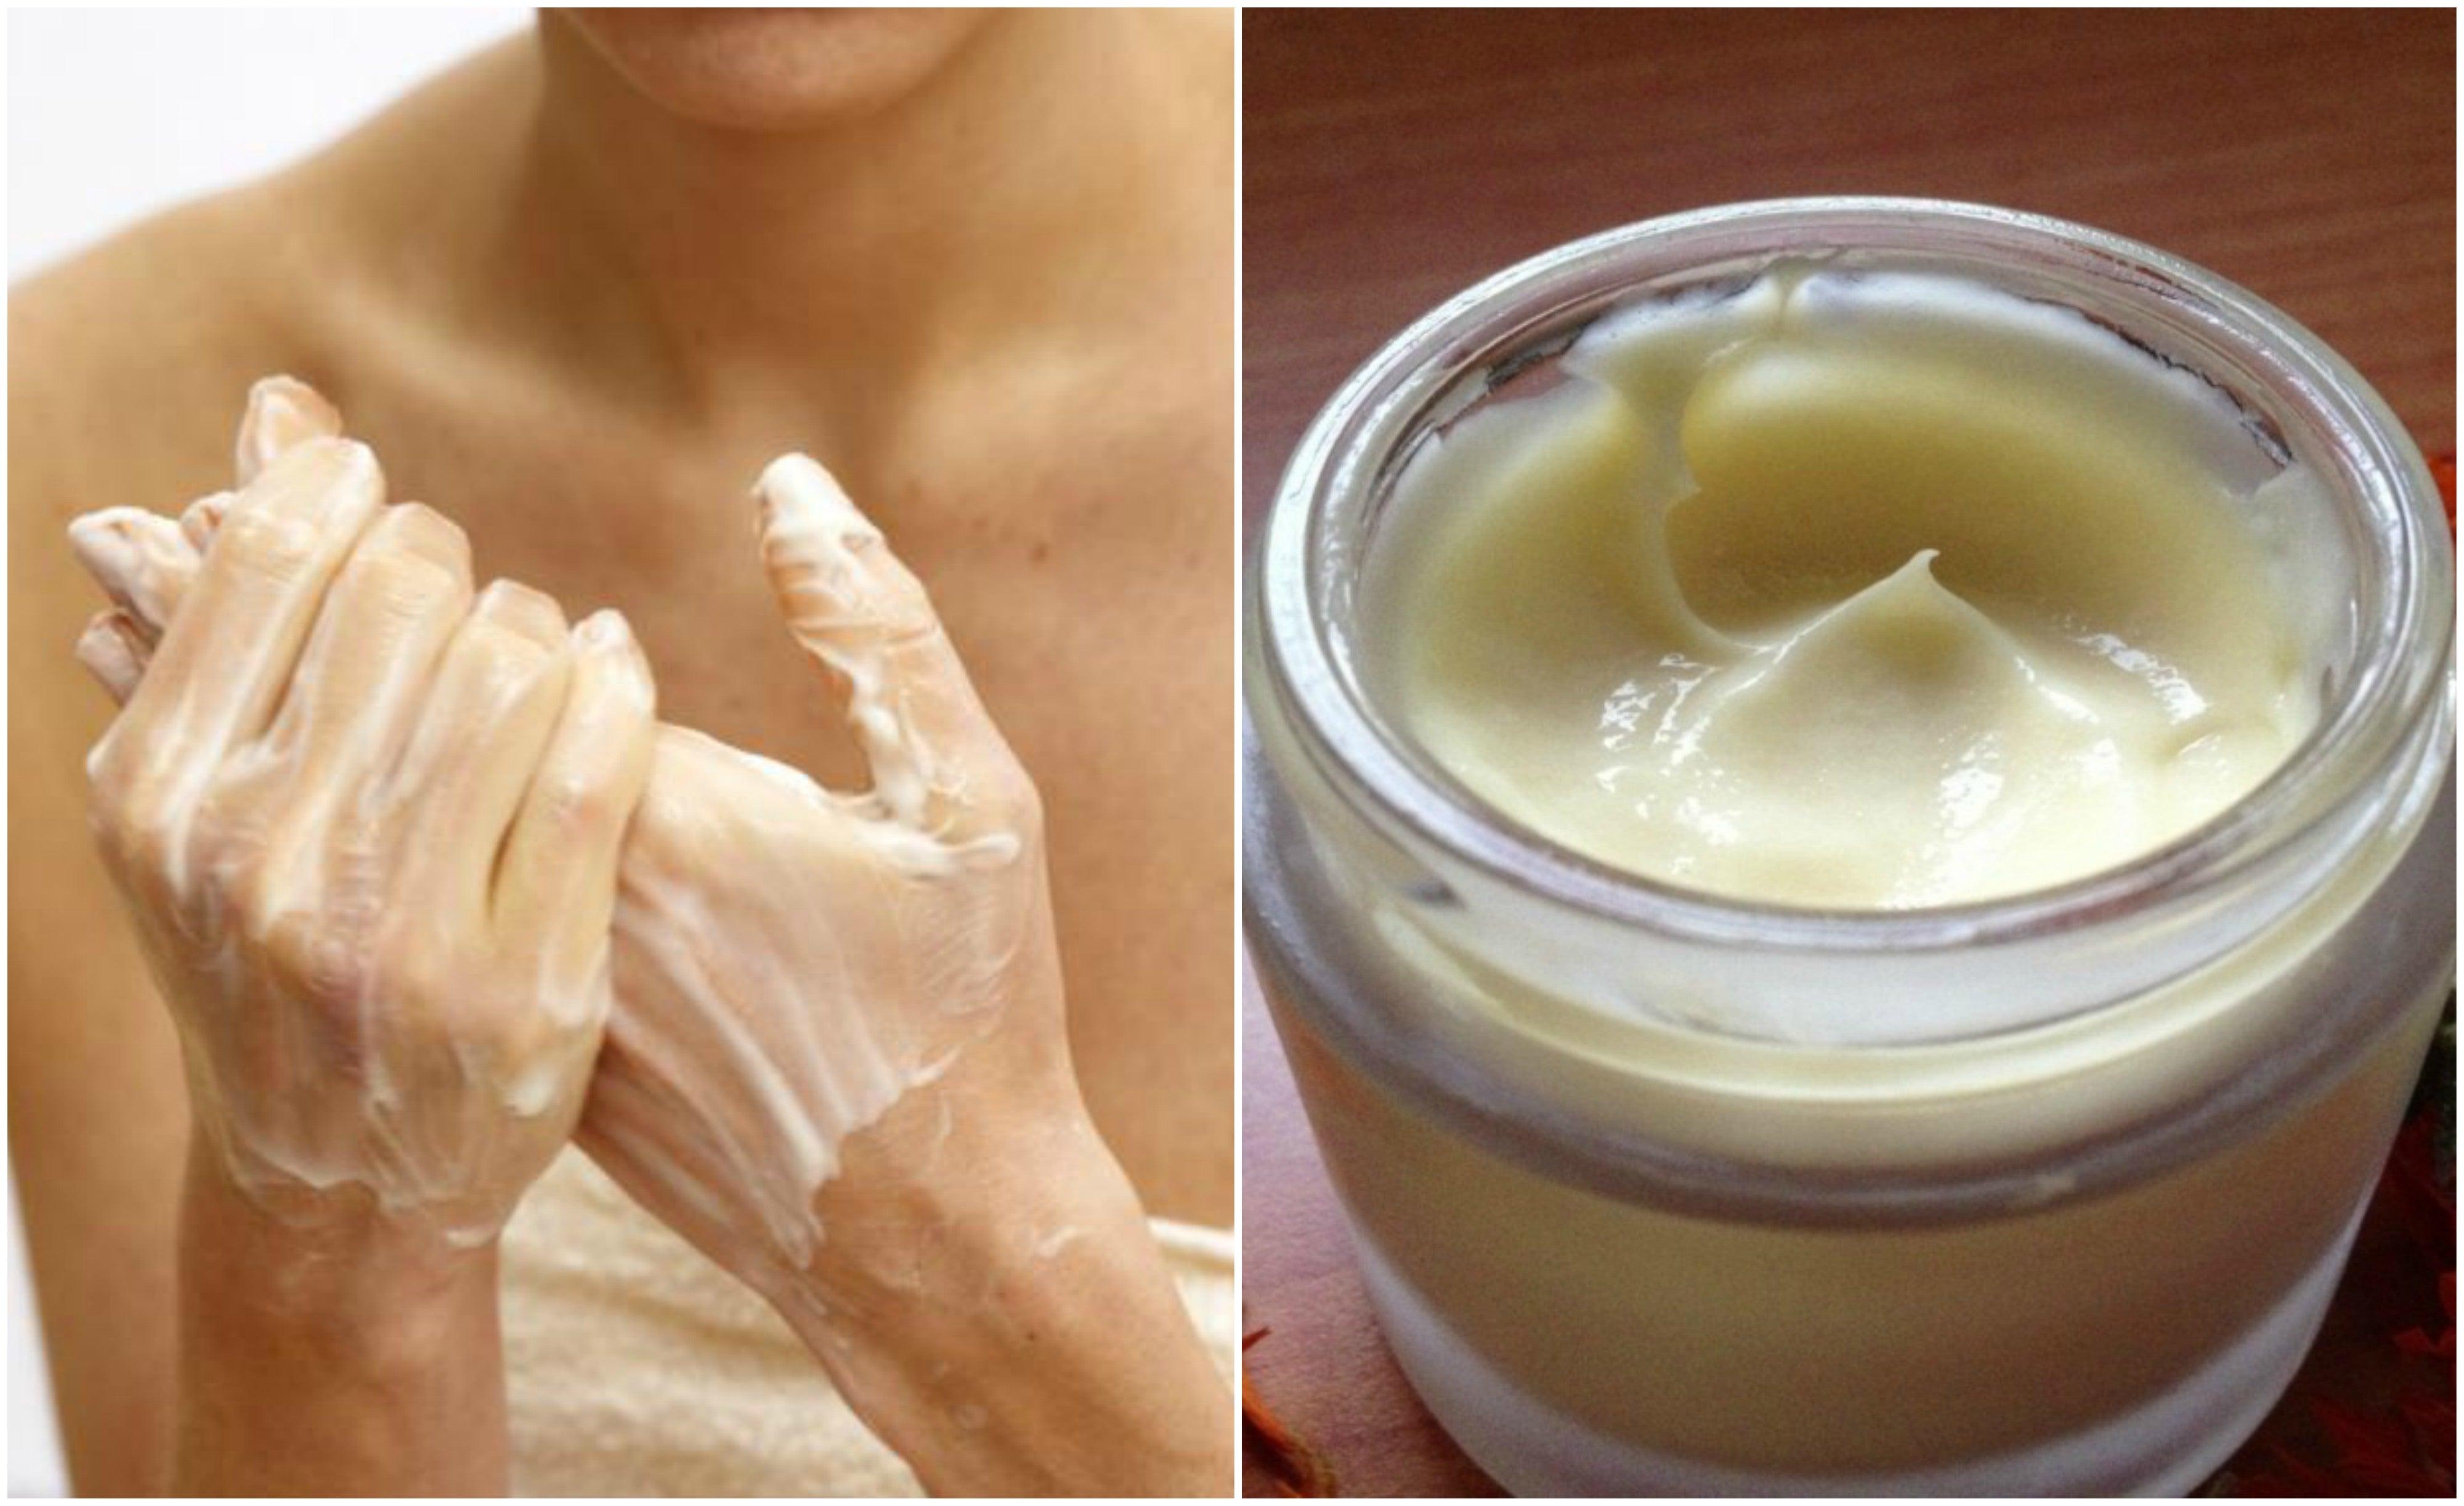 cremas caseras para humectar el cuerpo